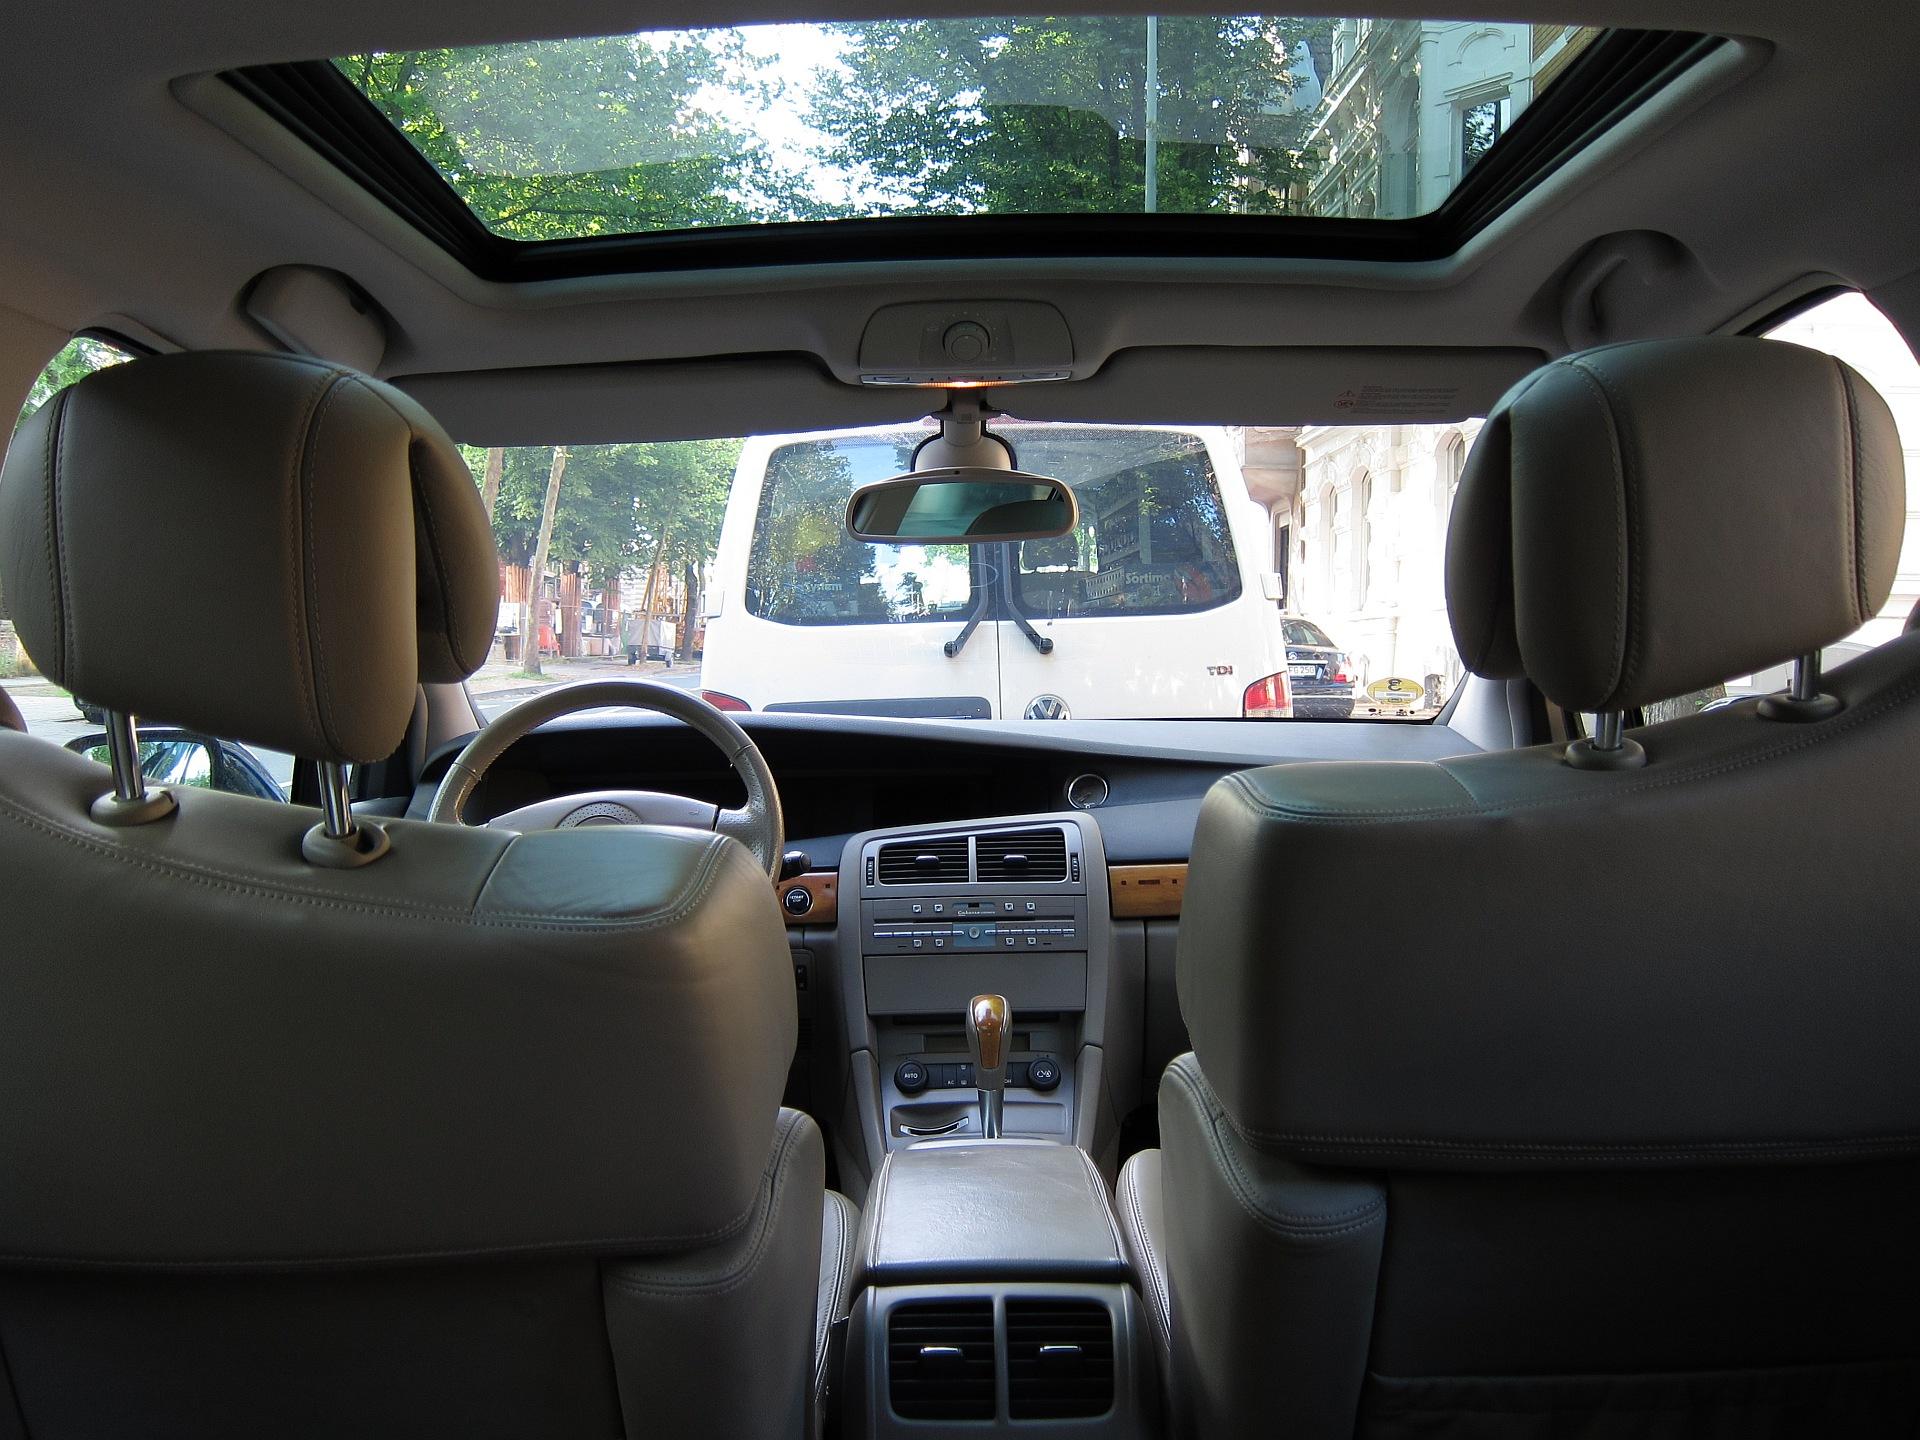 welche autos fahrt ihr automobil diskussionsthread uhrforum seite 441. Black Bedroom Furniture Sets. Home Design Ideas